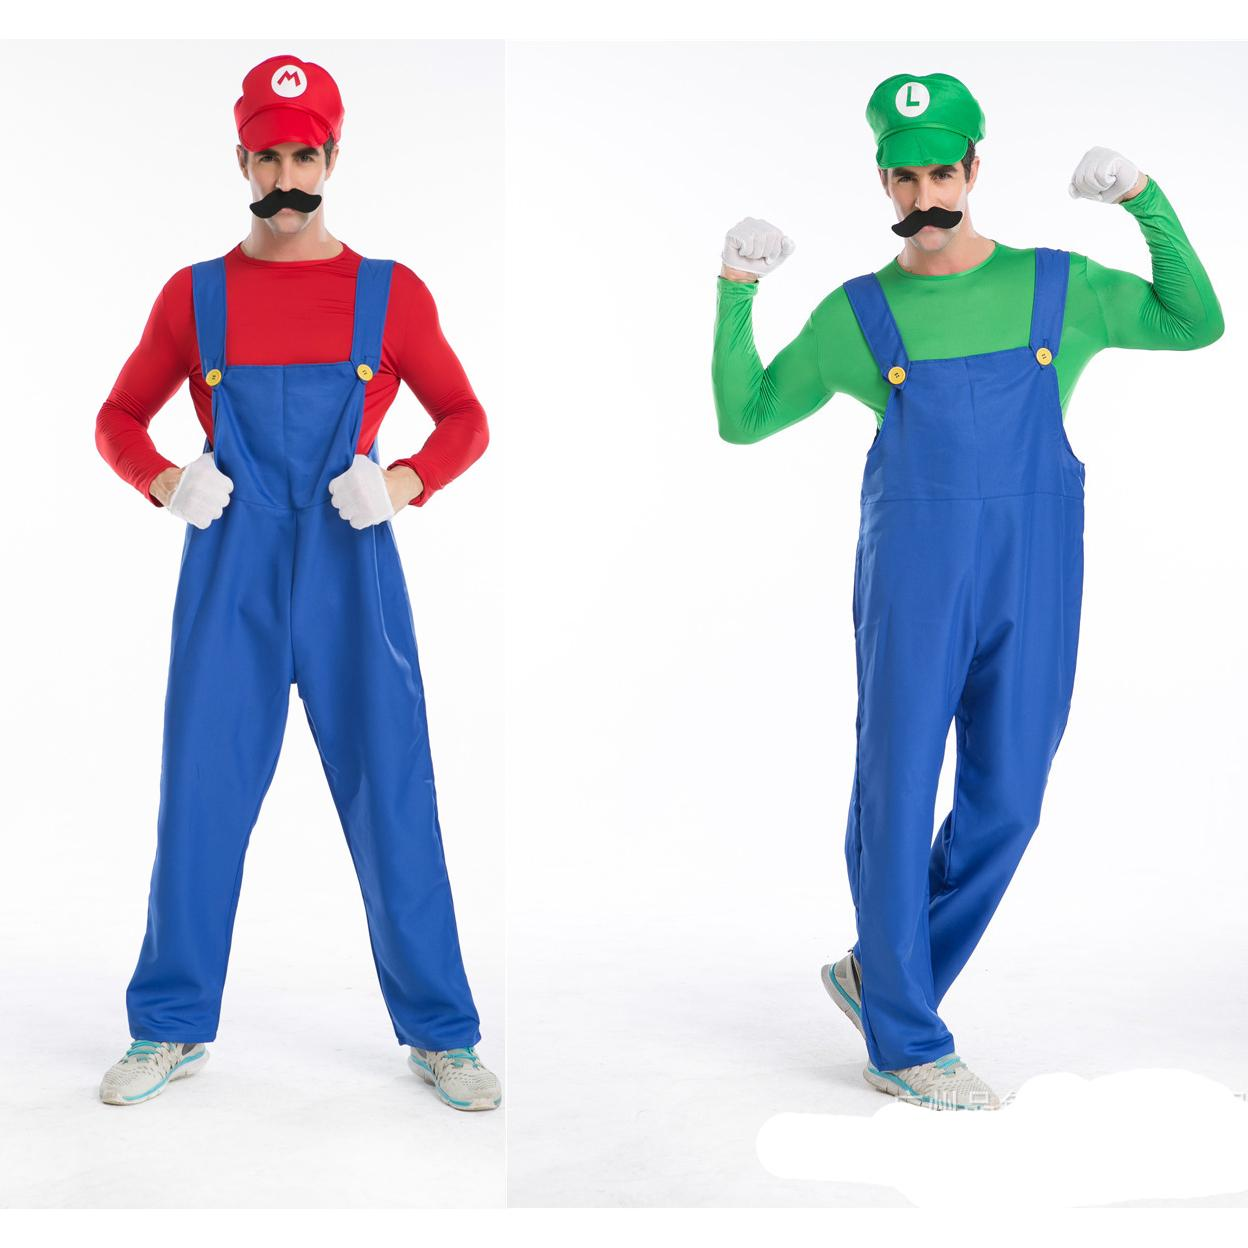 e455442f18bb2a 5 Stück Super Mario Brothers Masquerade Kostüm Cosplay für Erwachsene  Männer Hollaween Kostüme Kit mit Hut Bart Handschuh Größe M L XL